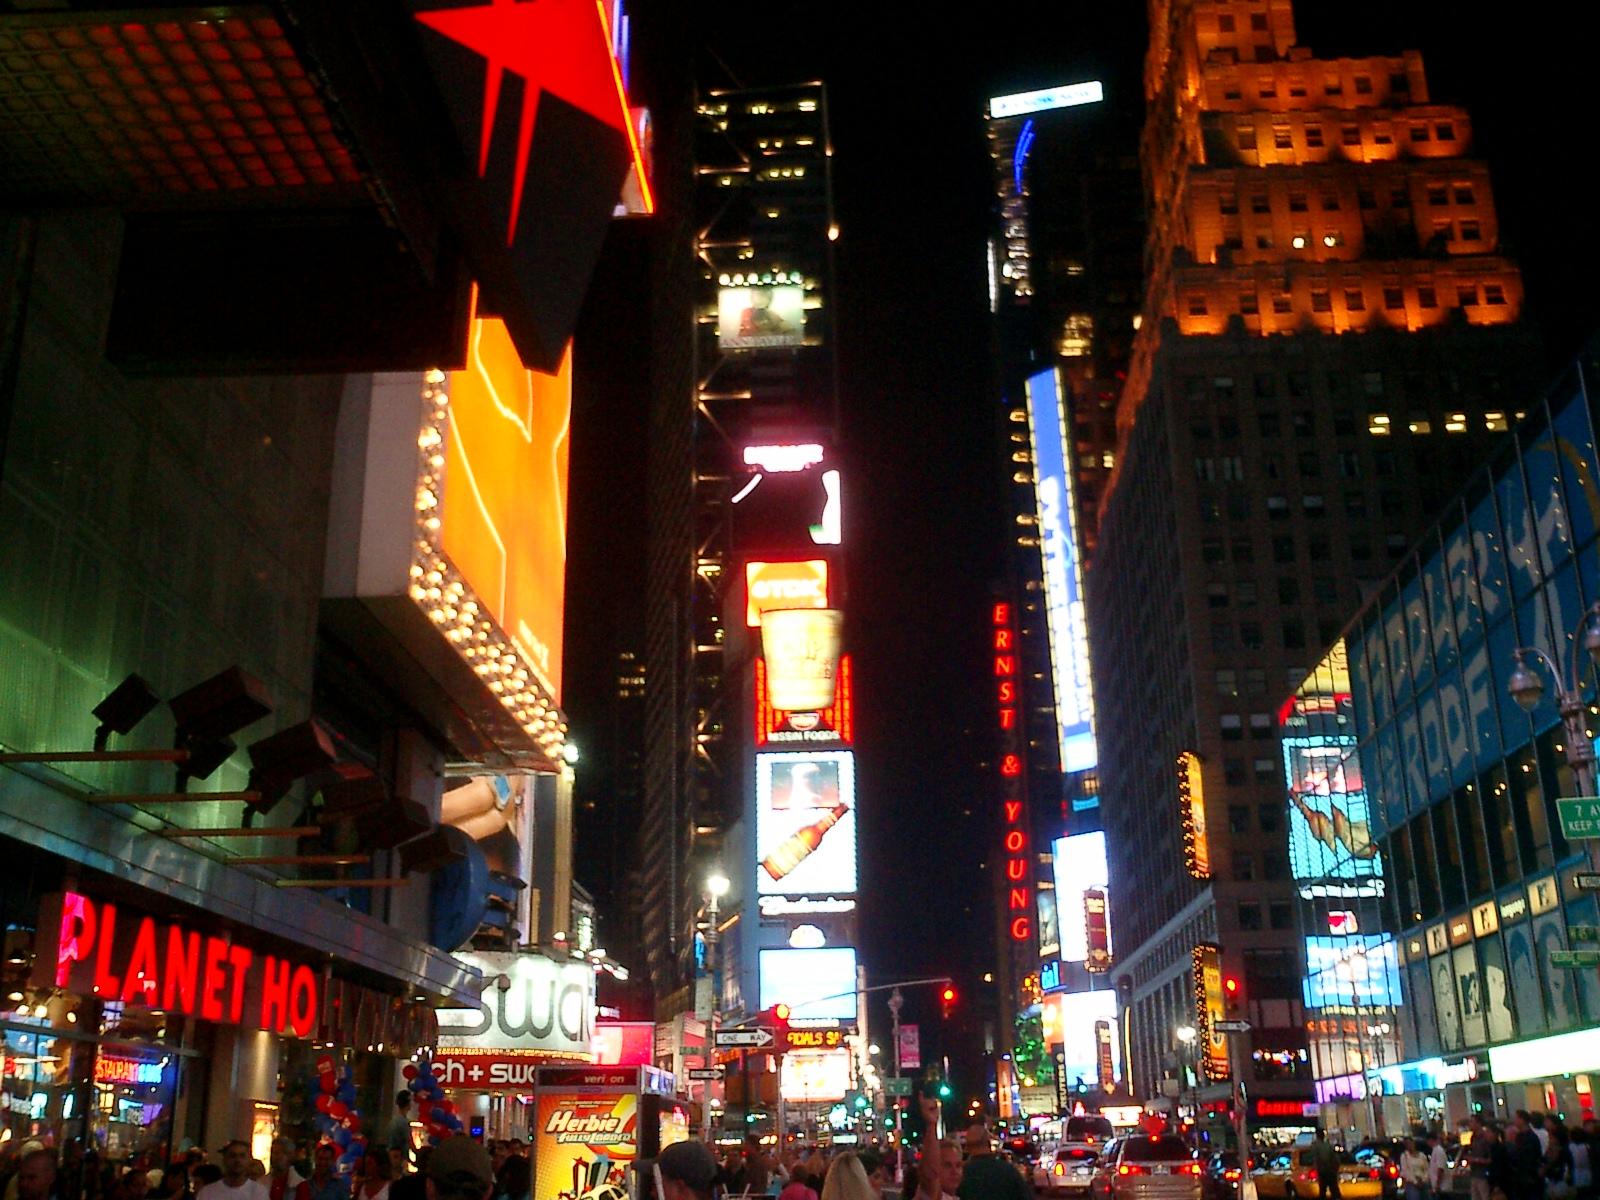 タイムズスクエア(ニューヨーク)のカウントダウン!年越しイベントを紹介